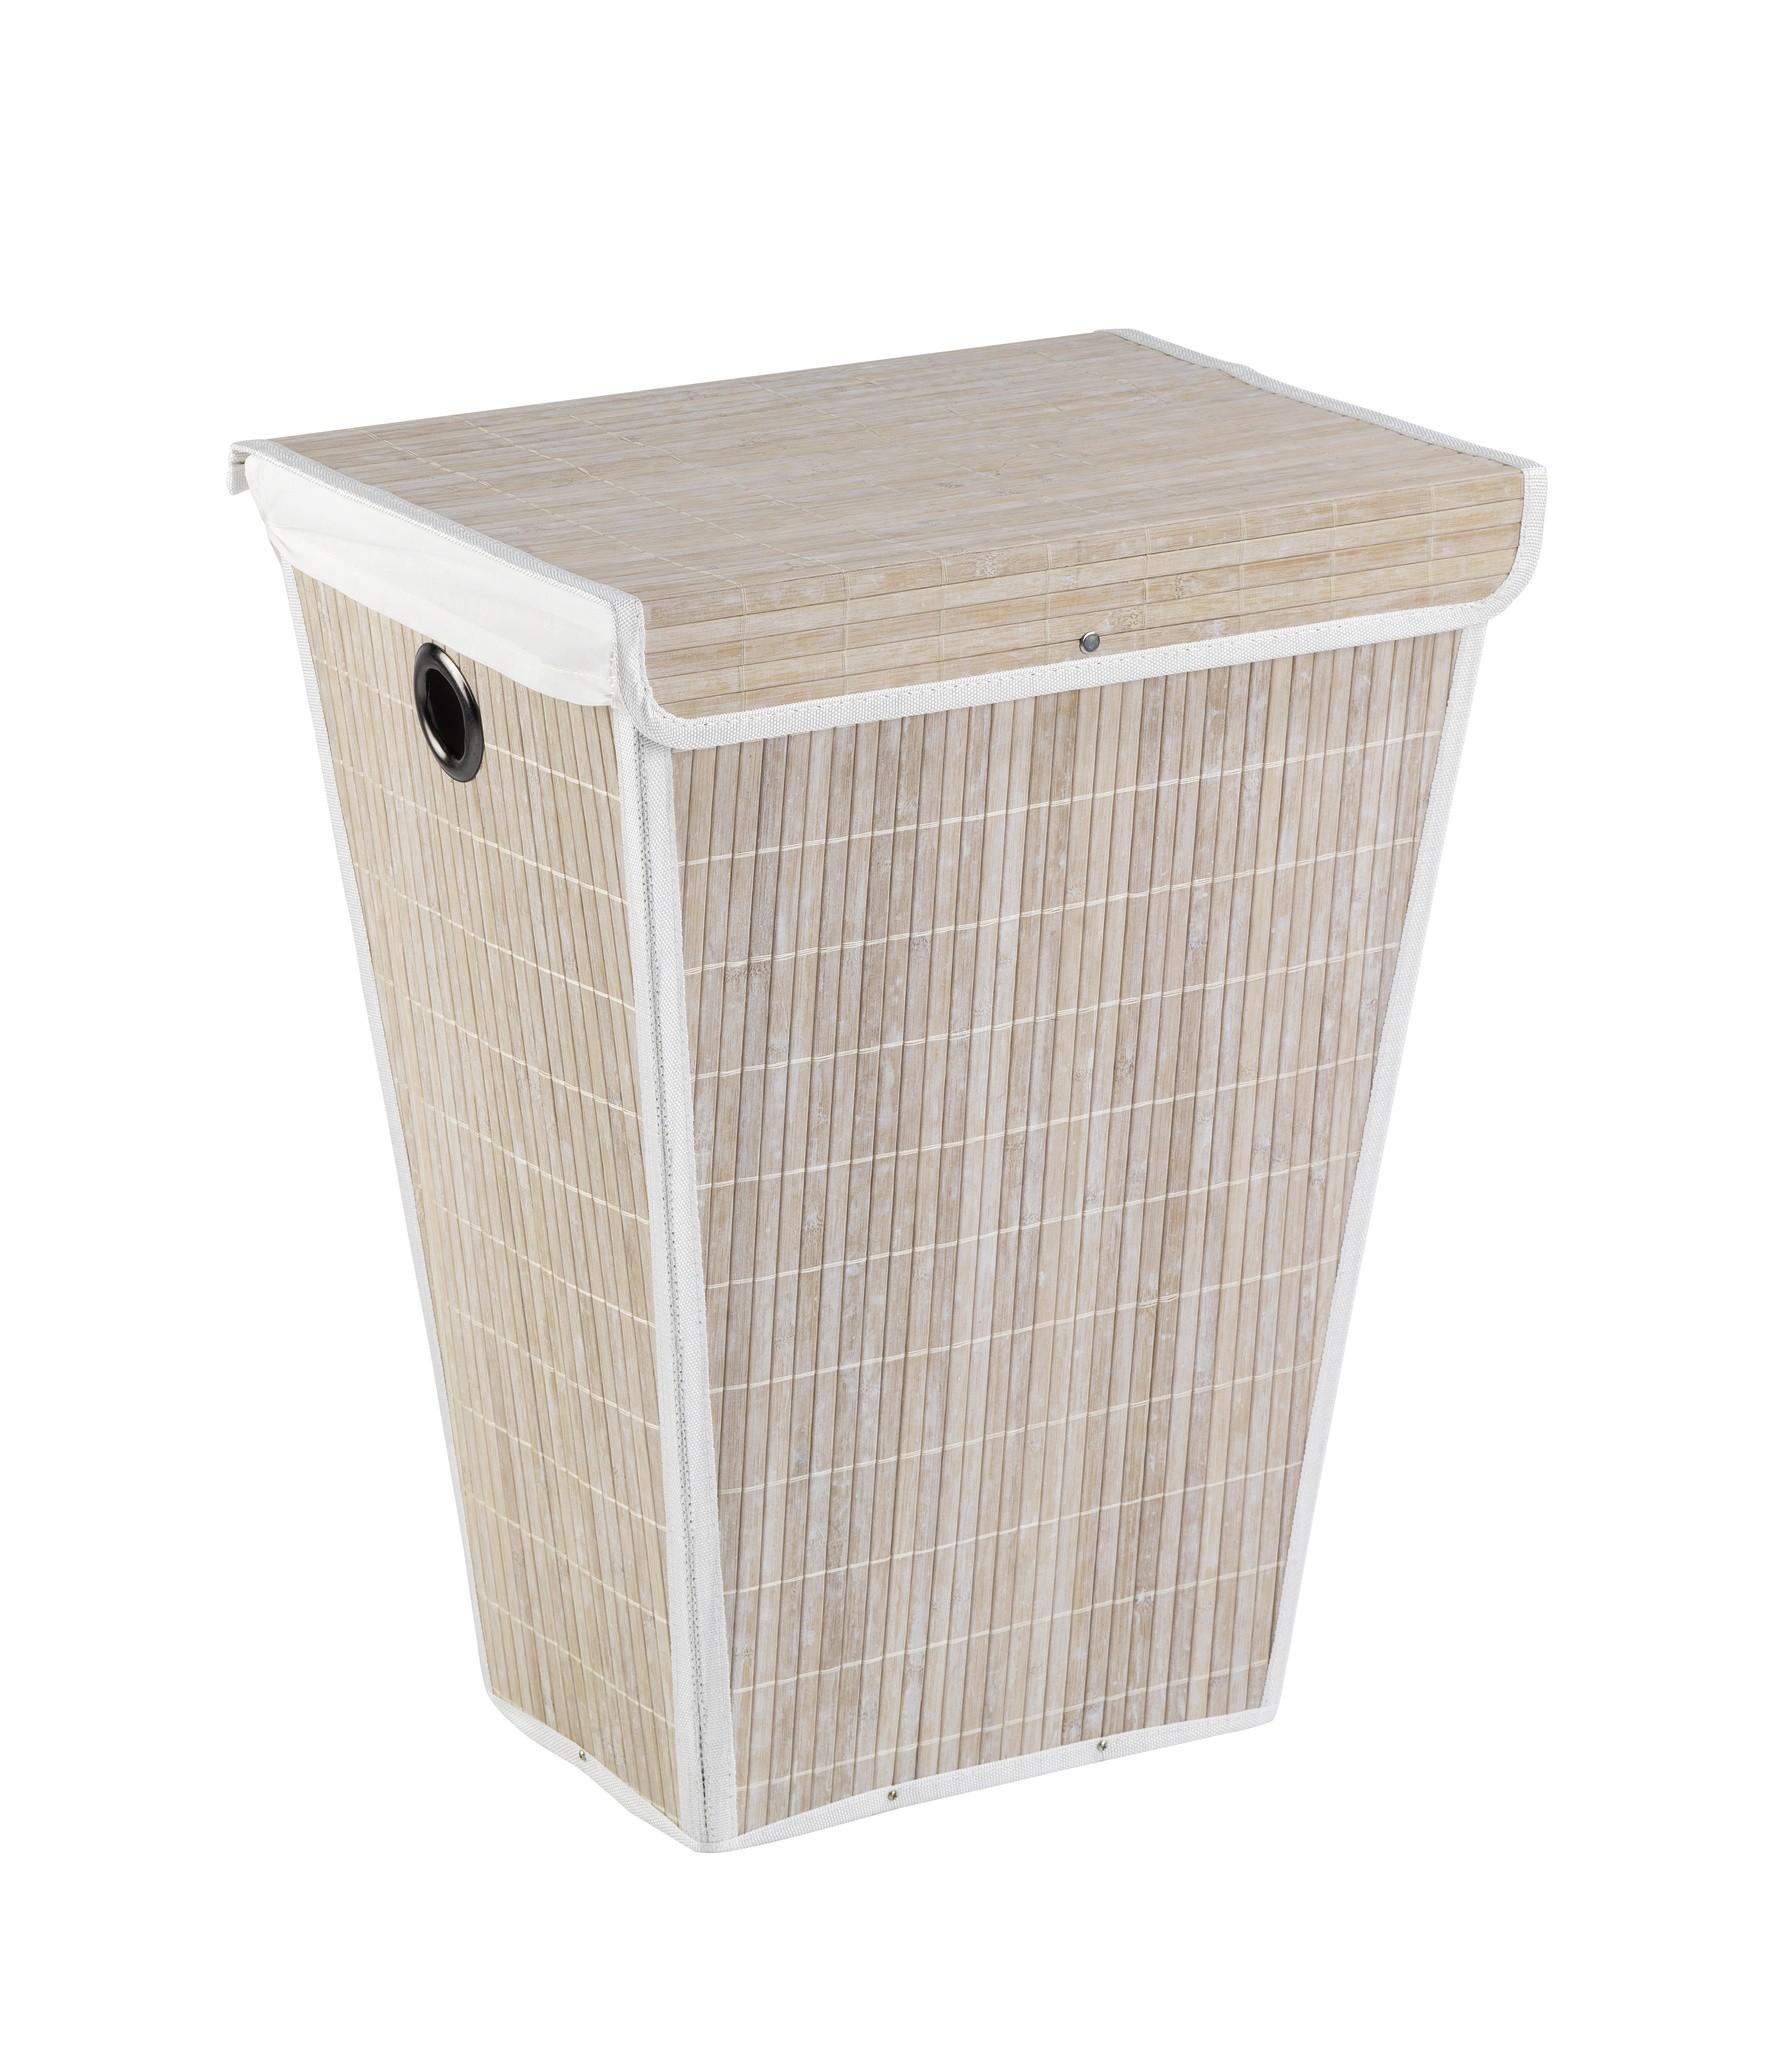 Wenko Wäschetruhe Bamboo Weiß, Wäschekorb, 55 l, konisch